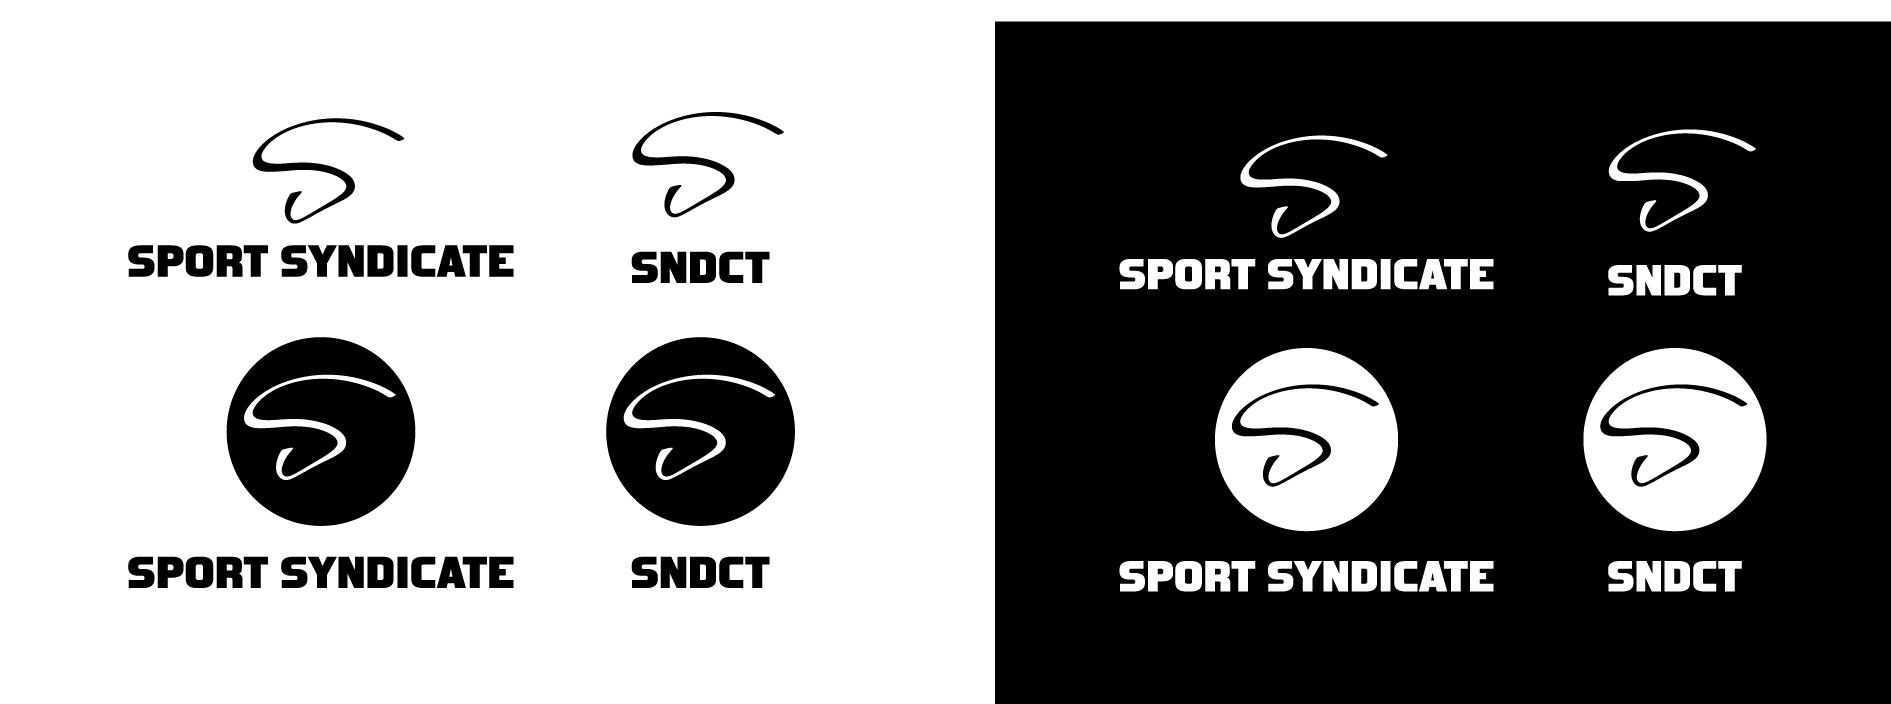 Создать логотип для сети магазинов спортивного питания фото f_23259786b6b8004e.jpg